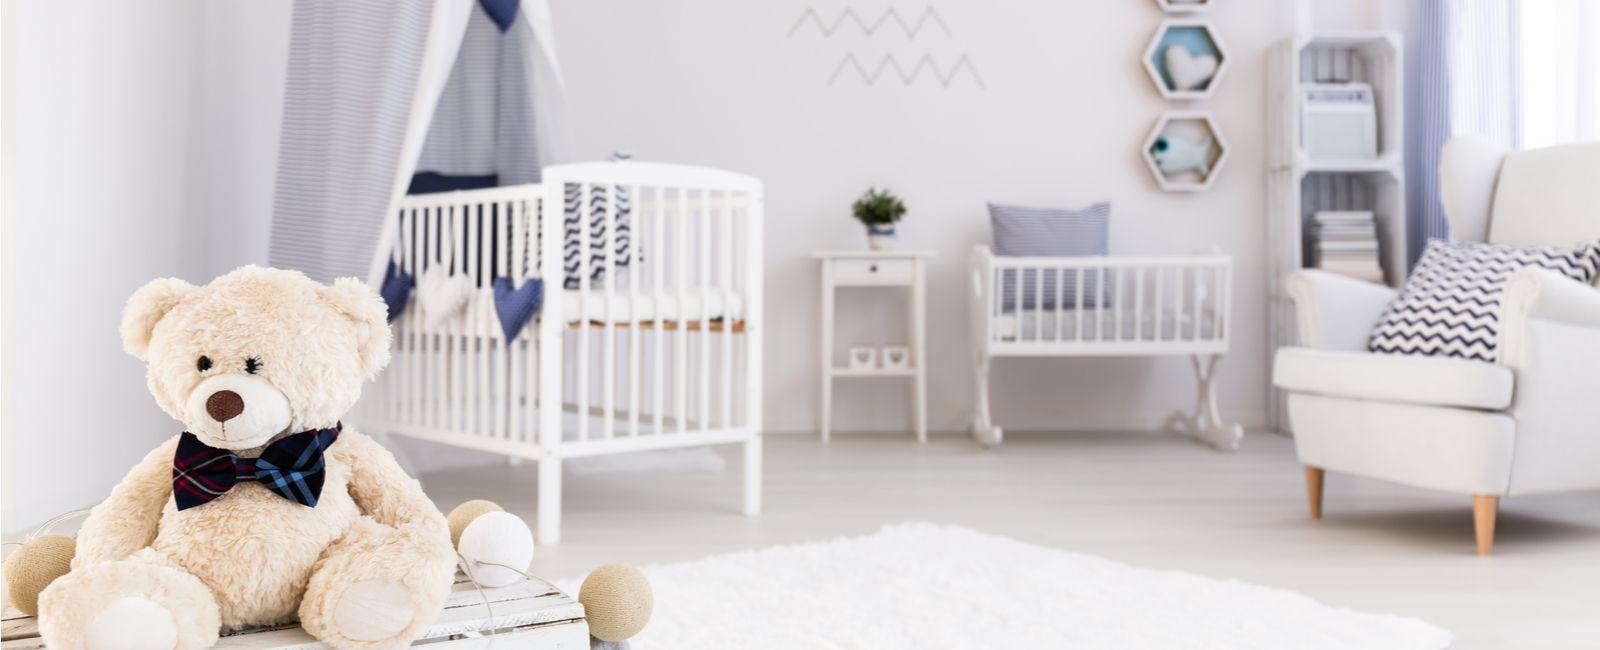 Leroy Merlin Chambre Enfant comment aménager une chambre pour deux enfants?